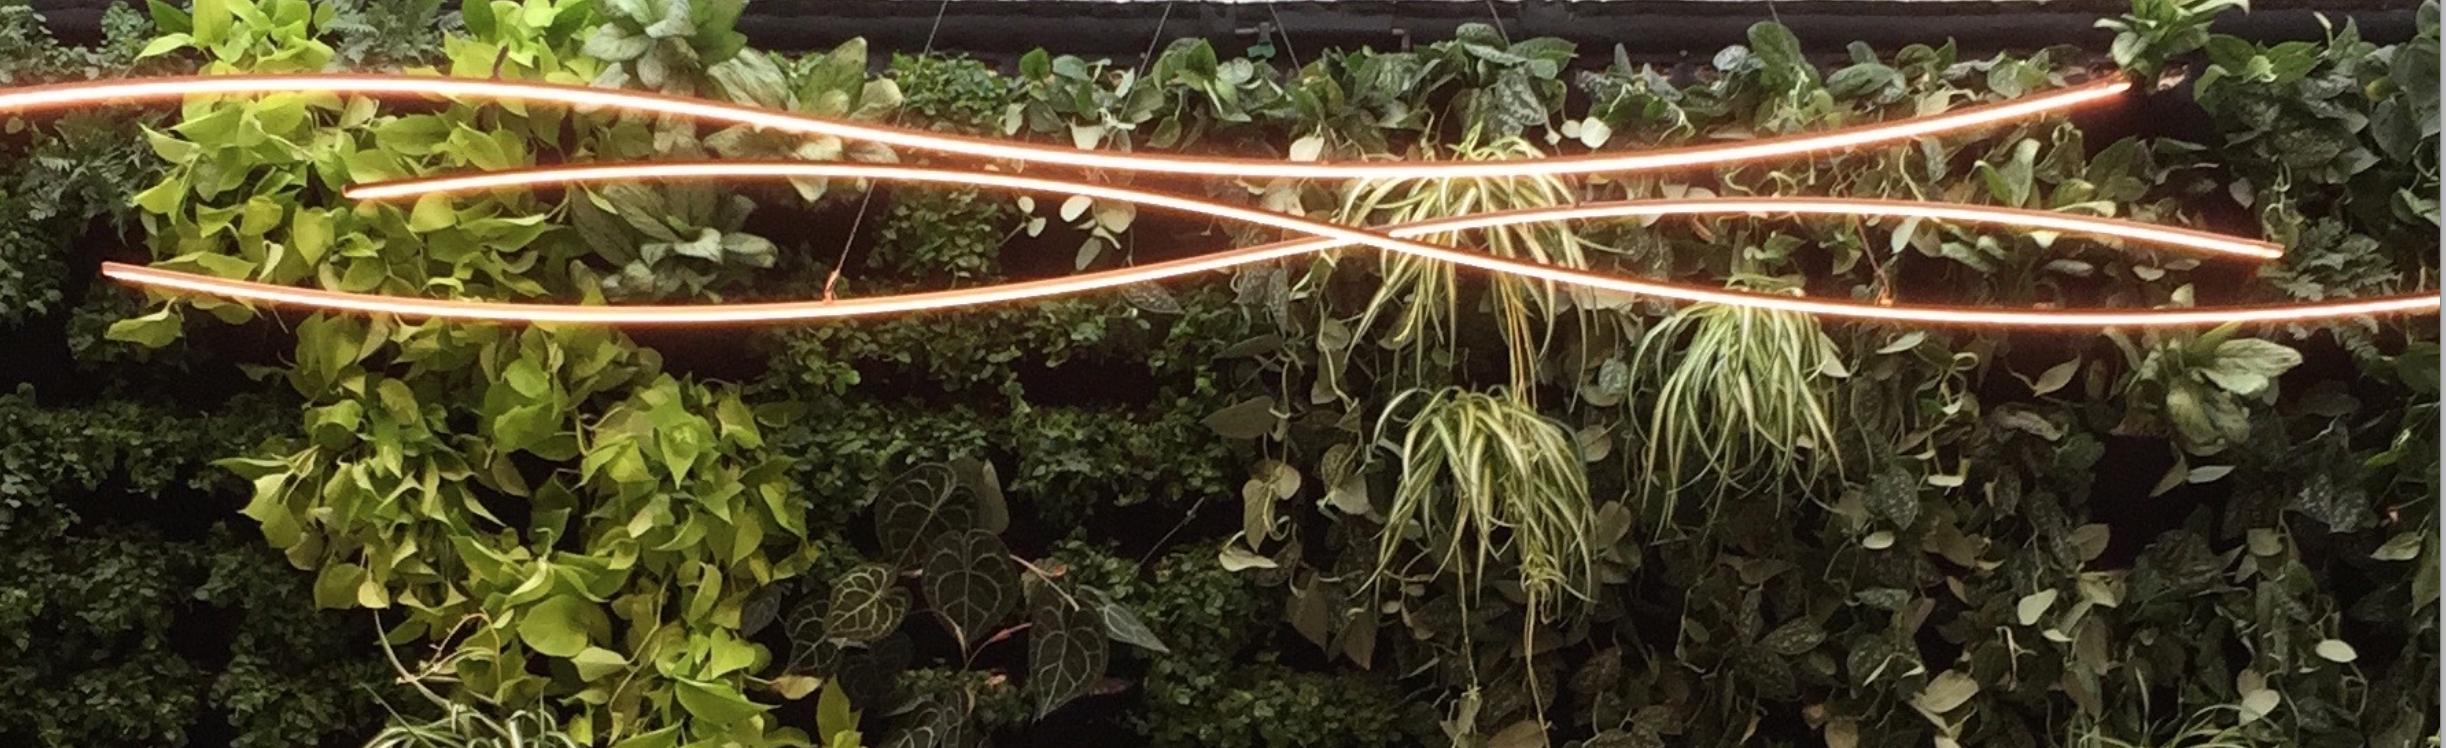 Новые технологии позволяют создавать светильники самых причудливых форм. Стенд Анри Бюрстина на салоне Maison & Objet 2016.